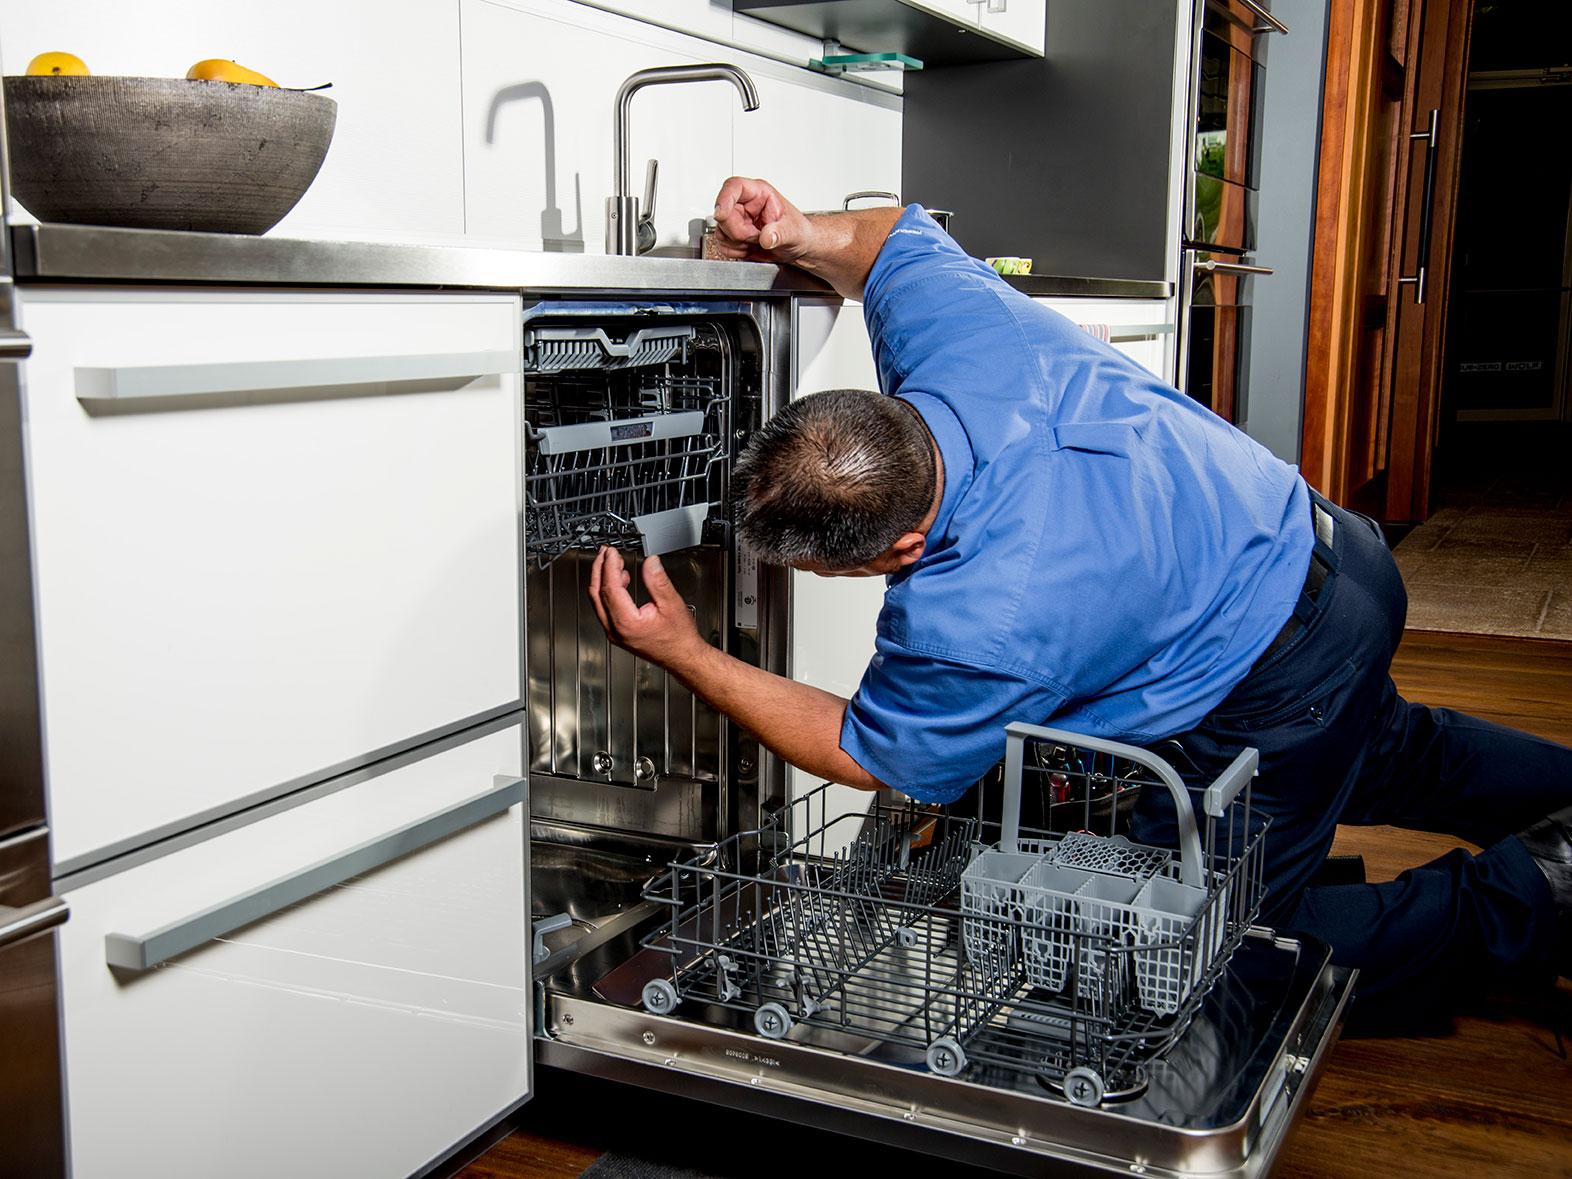 ASKO Dishwasher Repair